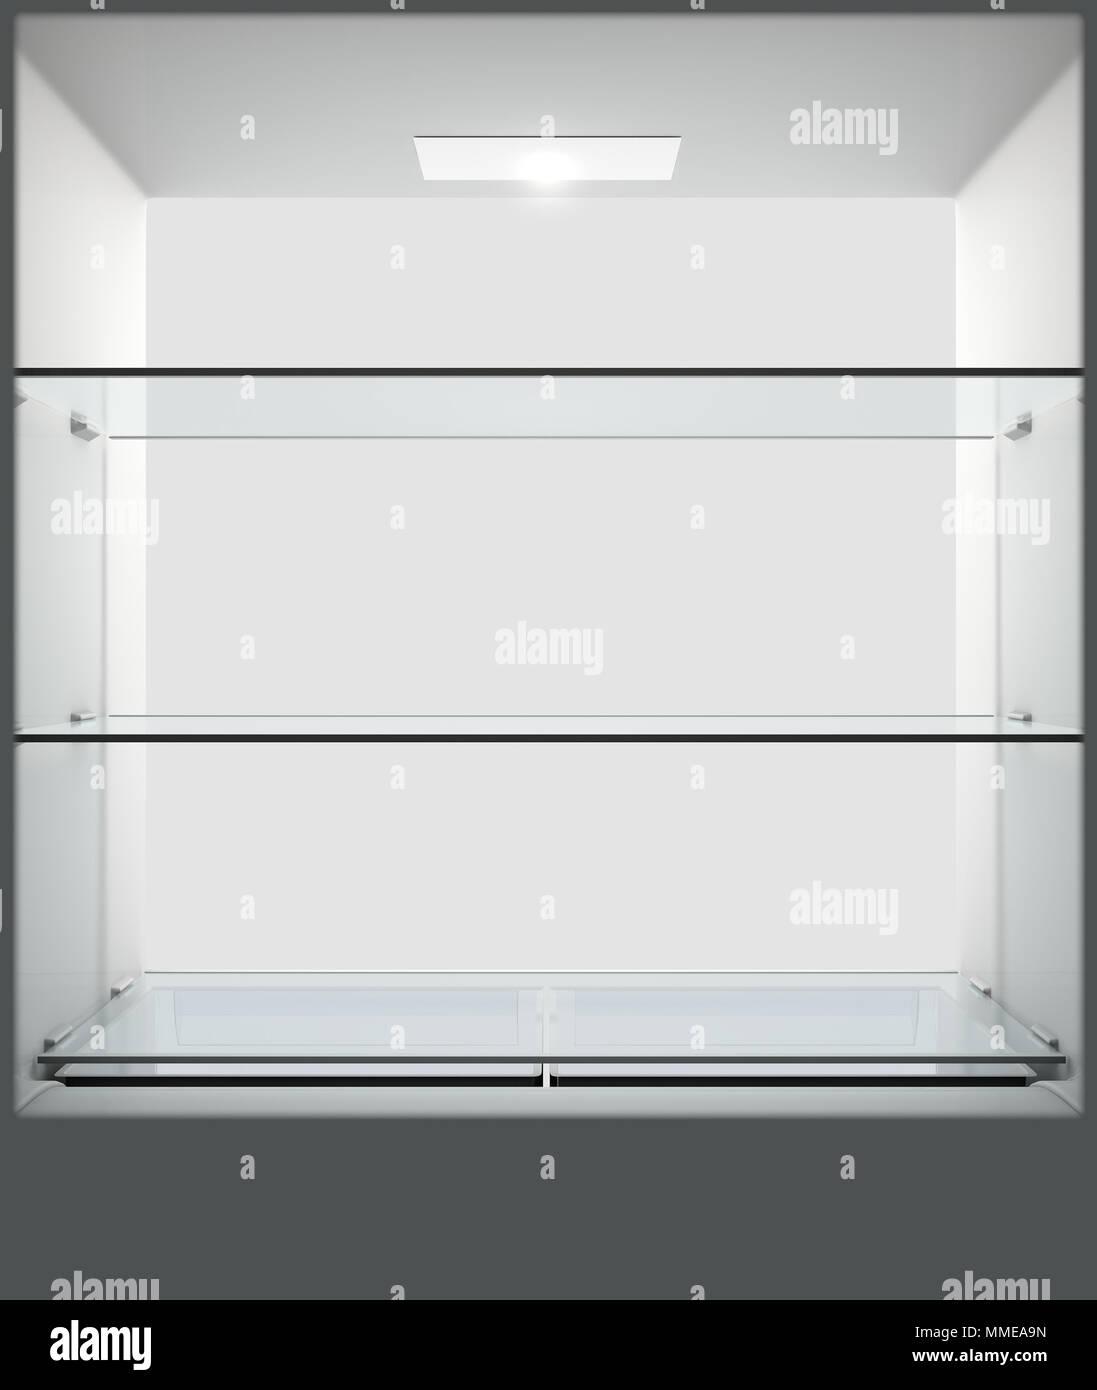 Una vista dall'interno di una casa vuota frigo o freezer guardando fuori dalla porta aperta - 3D render Immagini Stock